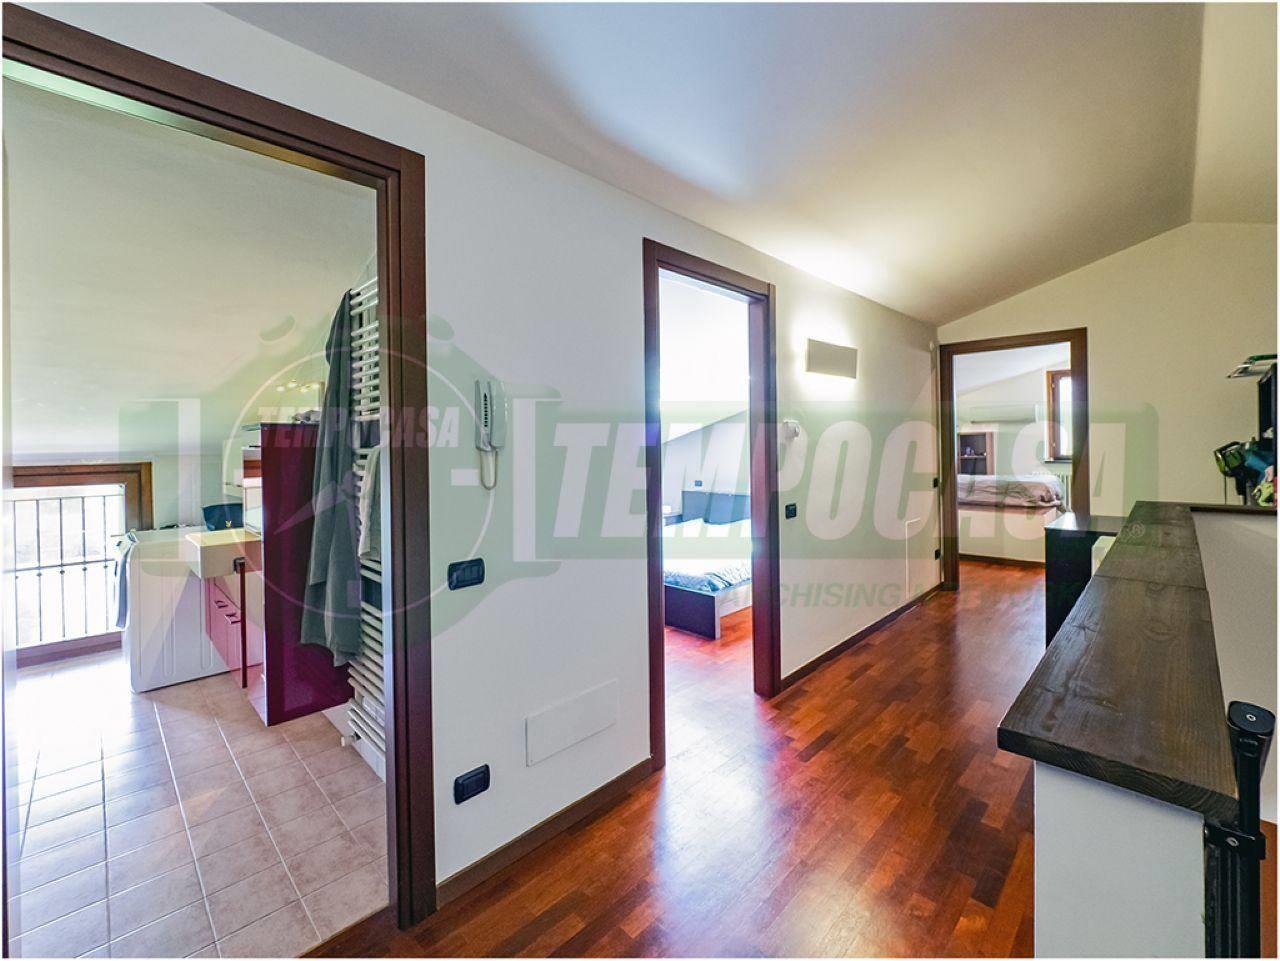 Foto 15 - Appartamento in Vendita - Cesano Maderno (Monza e Brianza)